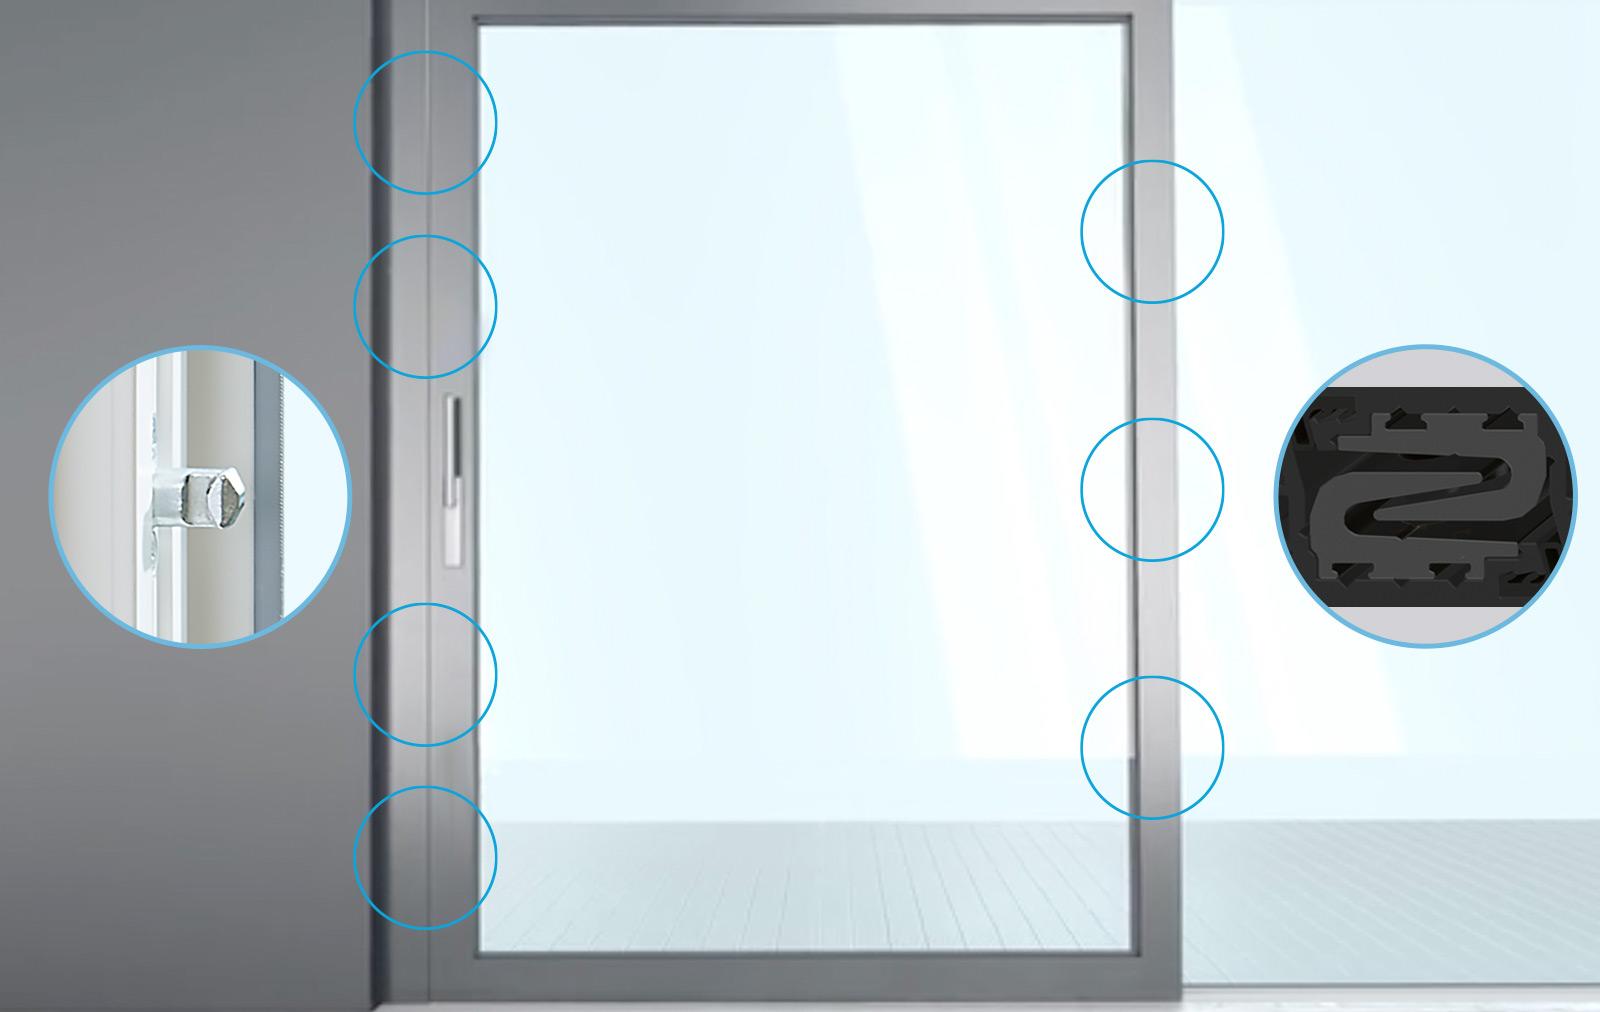 Full Size of Sichere Fenster Aluminium Weihnachtsbeleuchtung Erneuern Kosten Einbruchsicher Nachrüsten Aco Bauhaus Rahmenlose Felux Türen Anthrazit Sichtschutzfolie Für Fenster Fenster Einbruchsicher Nachrüsten